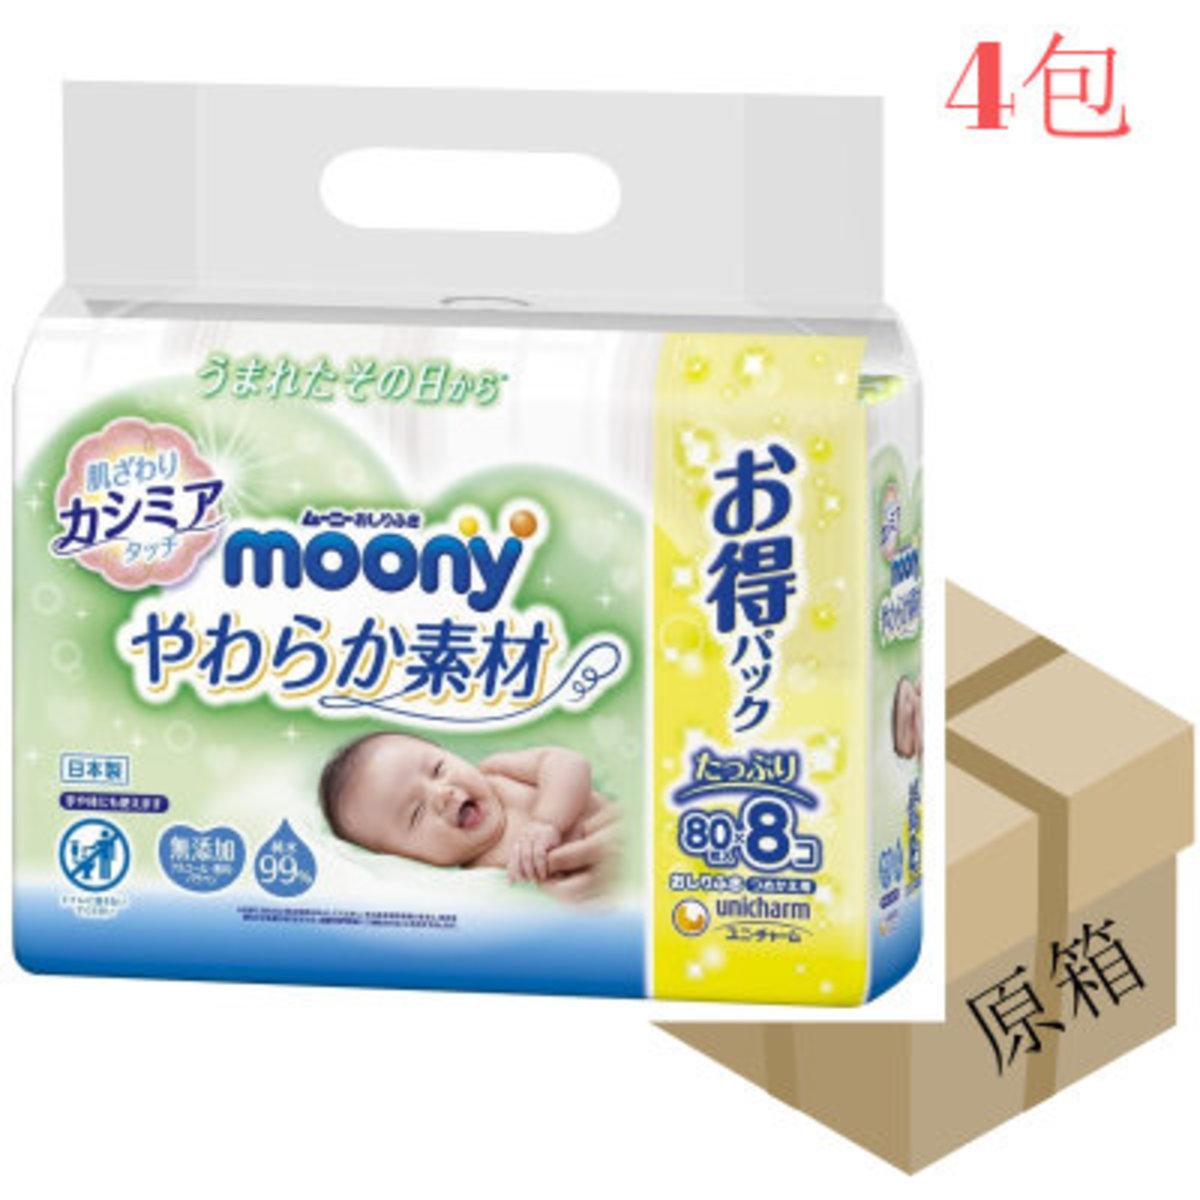 [原箱]嬰兒濕紙巾 80張x8包 (4包裝)